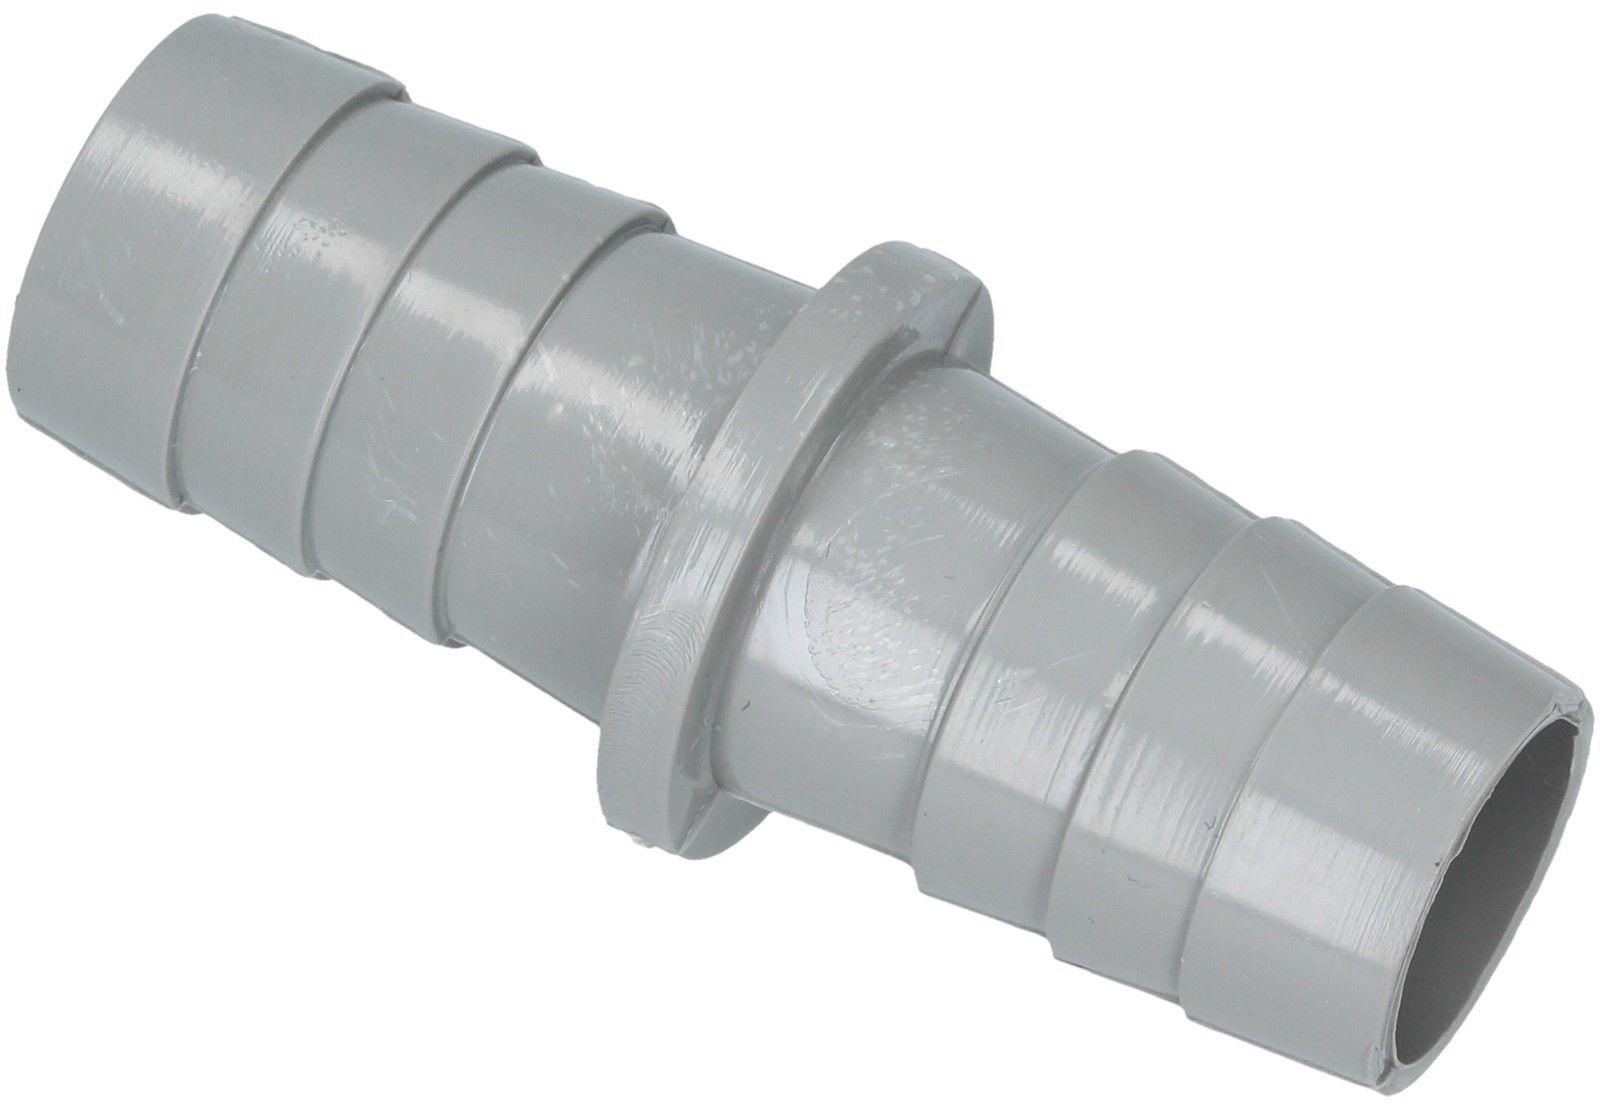 AS Adapter węża odpływowego do pralki -podłaczenie: proste 21mm / 21mm AS 333332